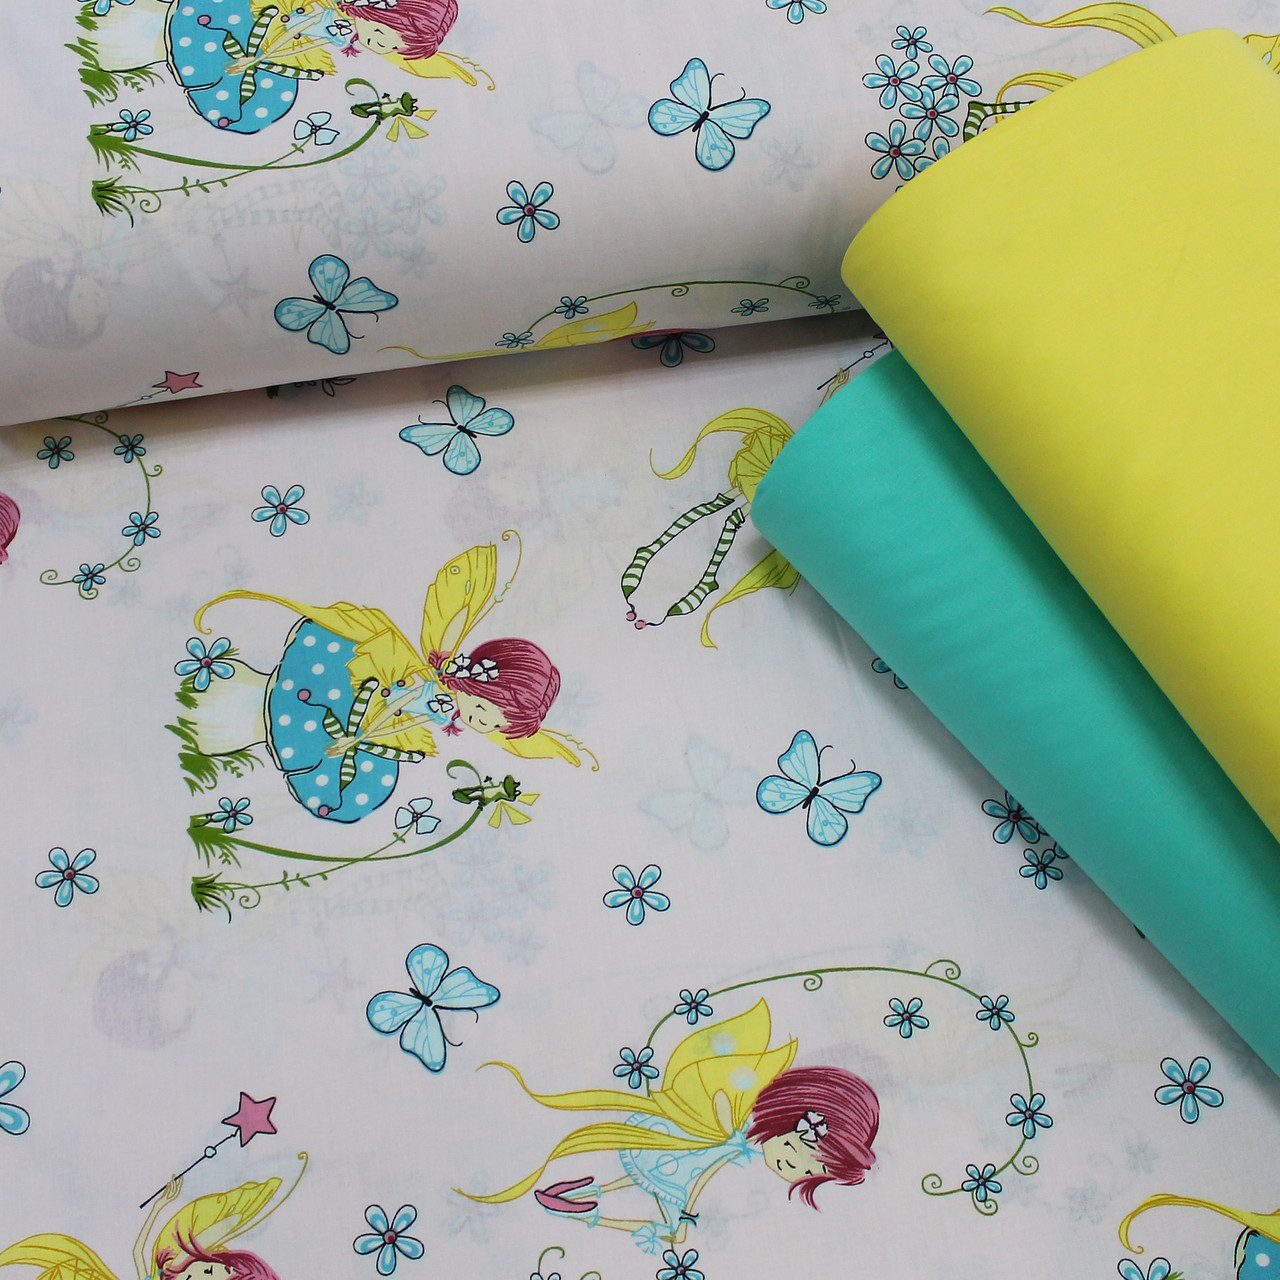 Хлопковая ткань (ТУРЦИЯ шир. 2,4 м) фея с желтыми крыльями и голубыми цветами